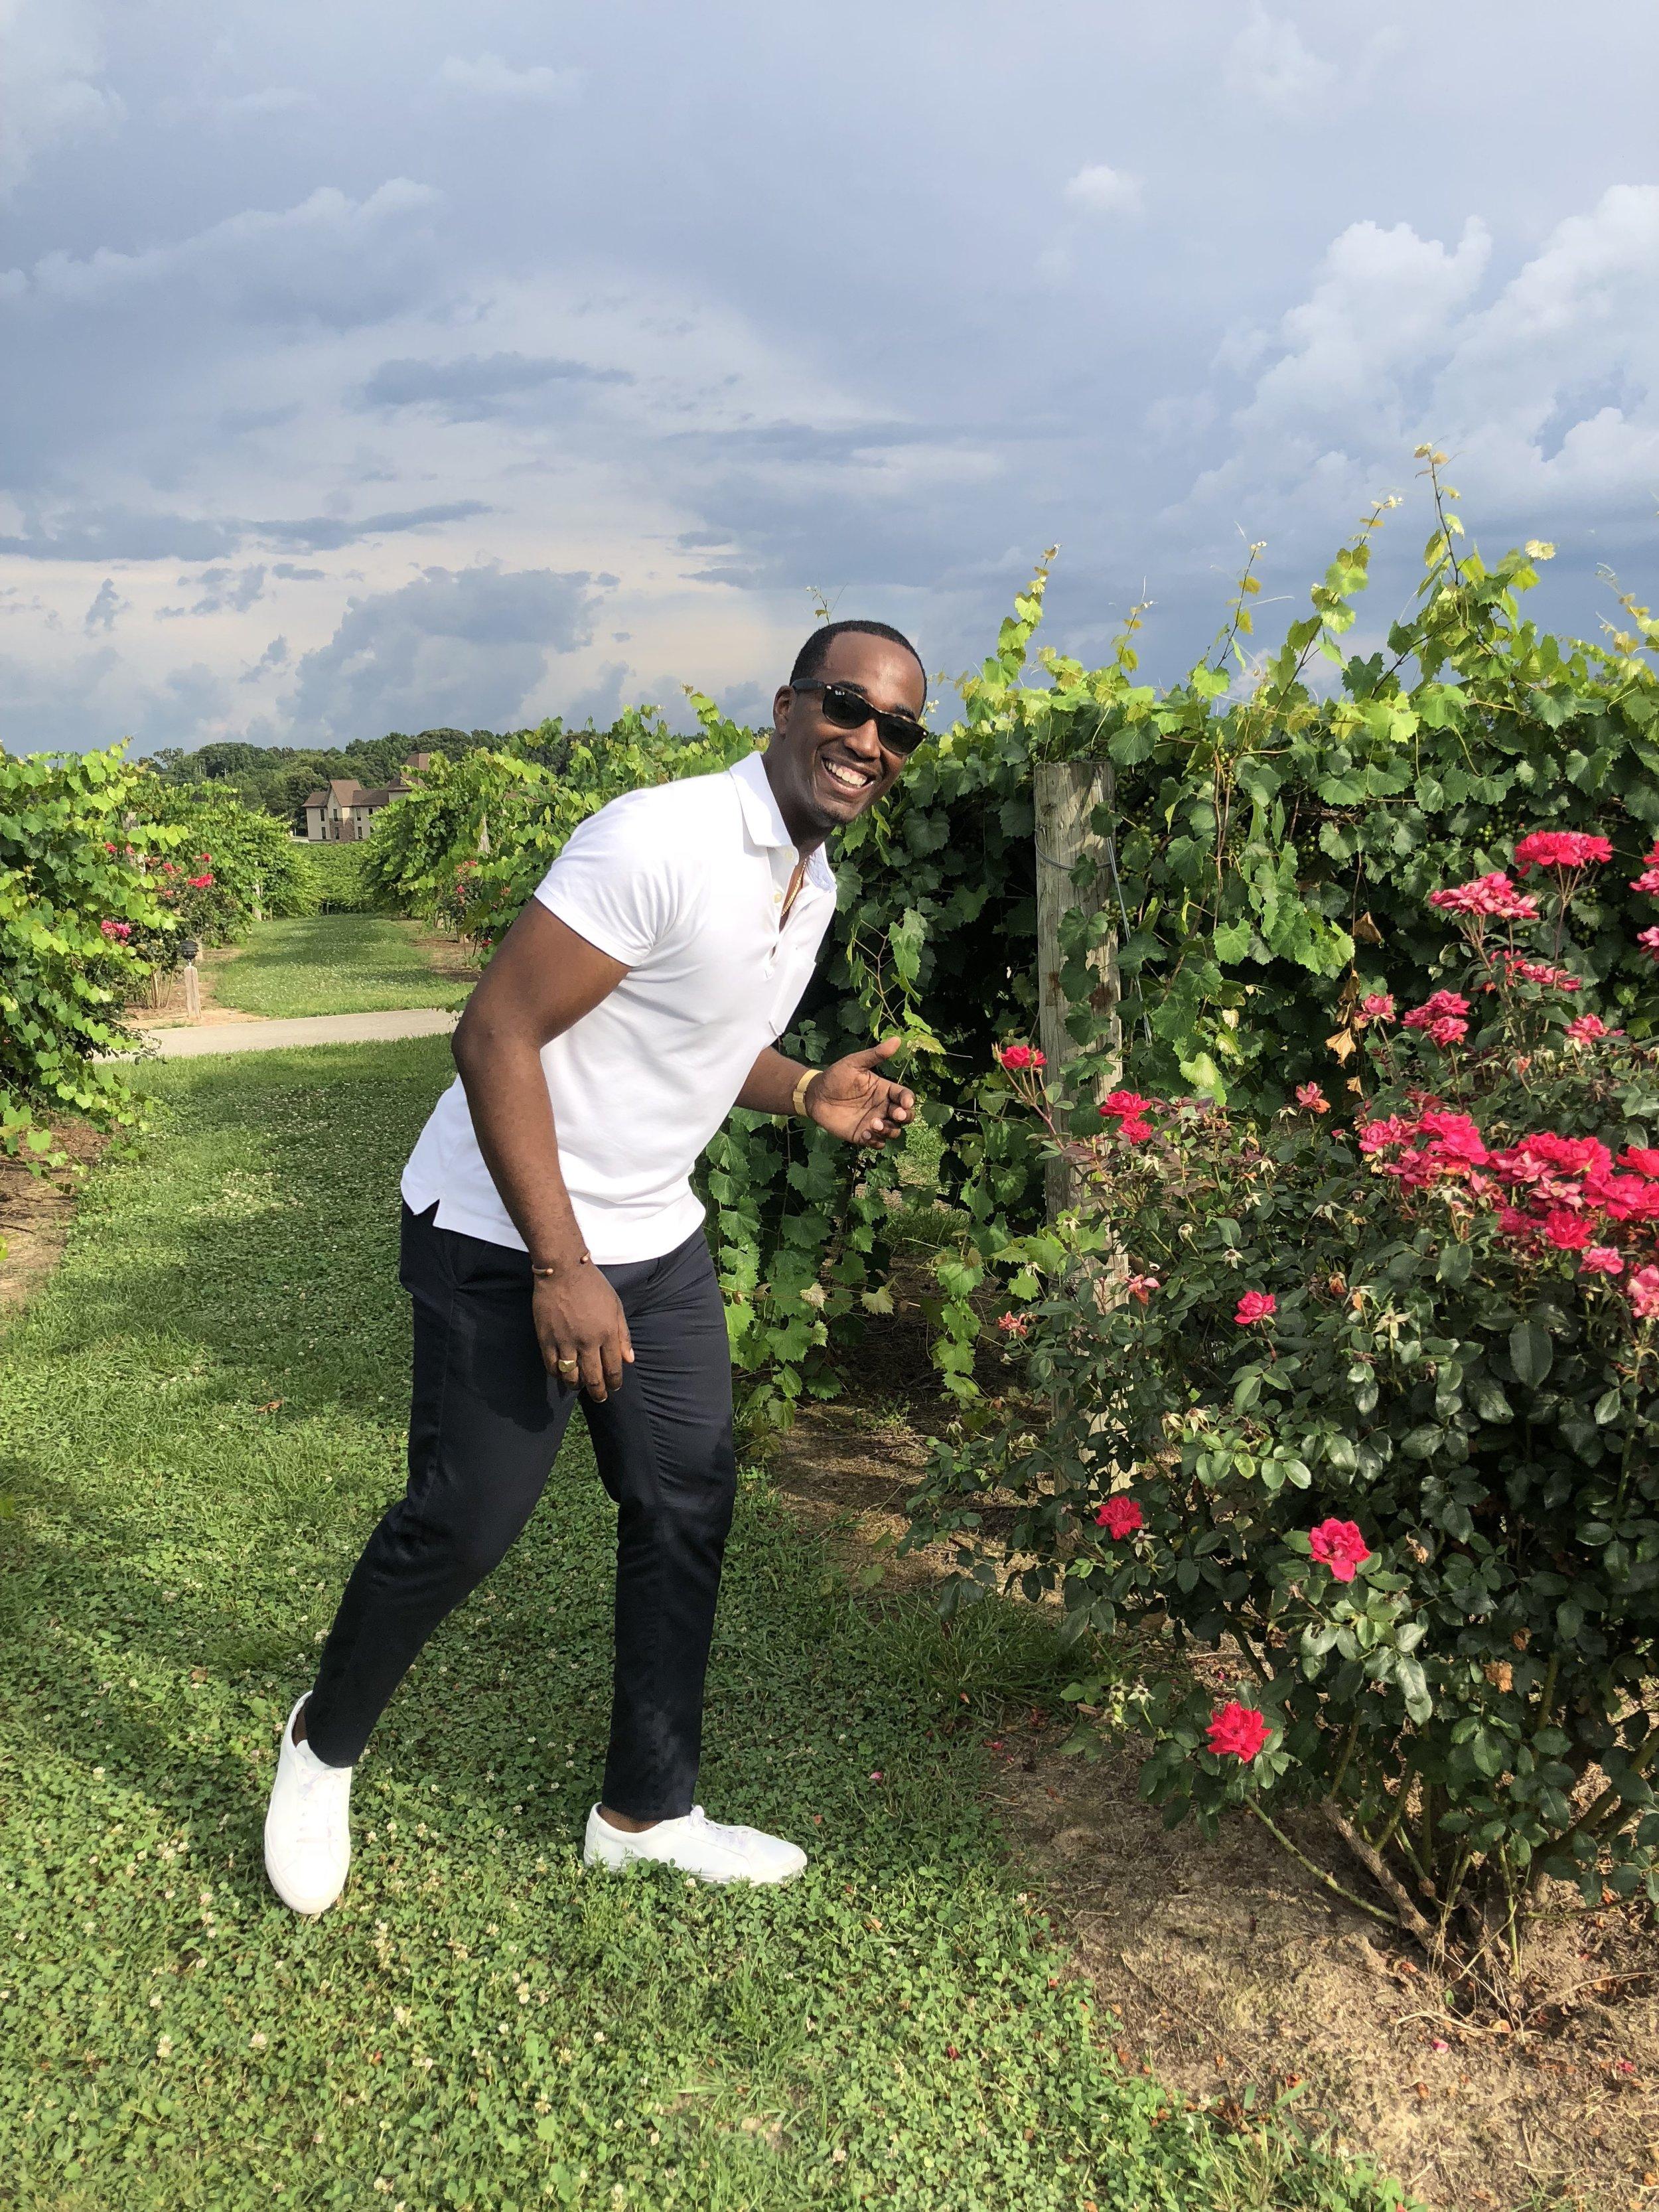 Walking through the vineyard.